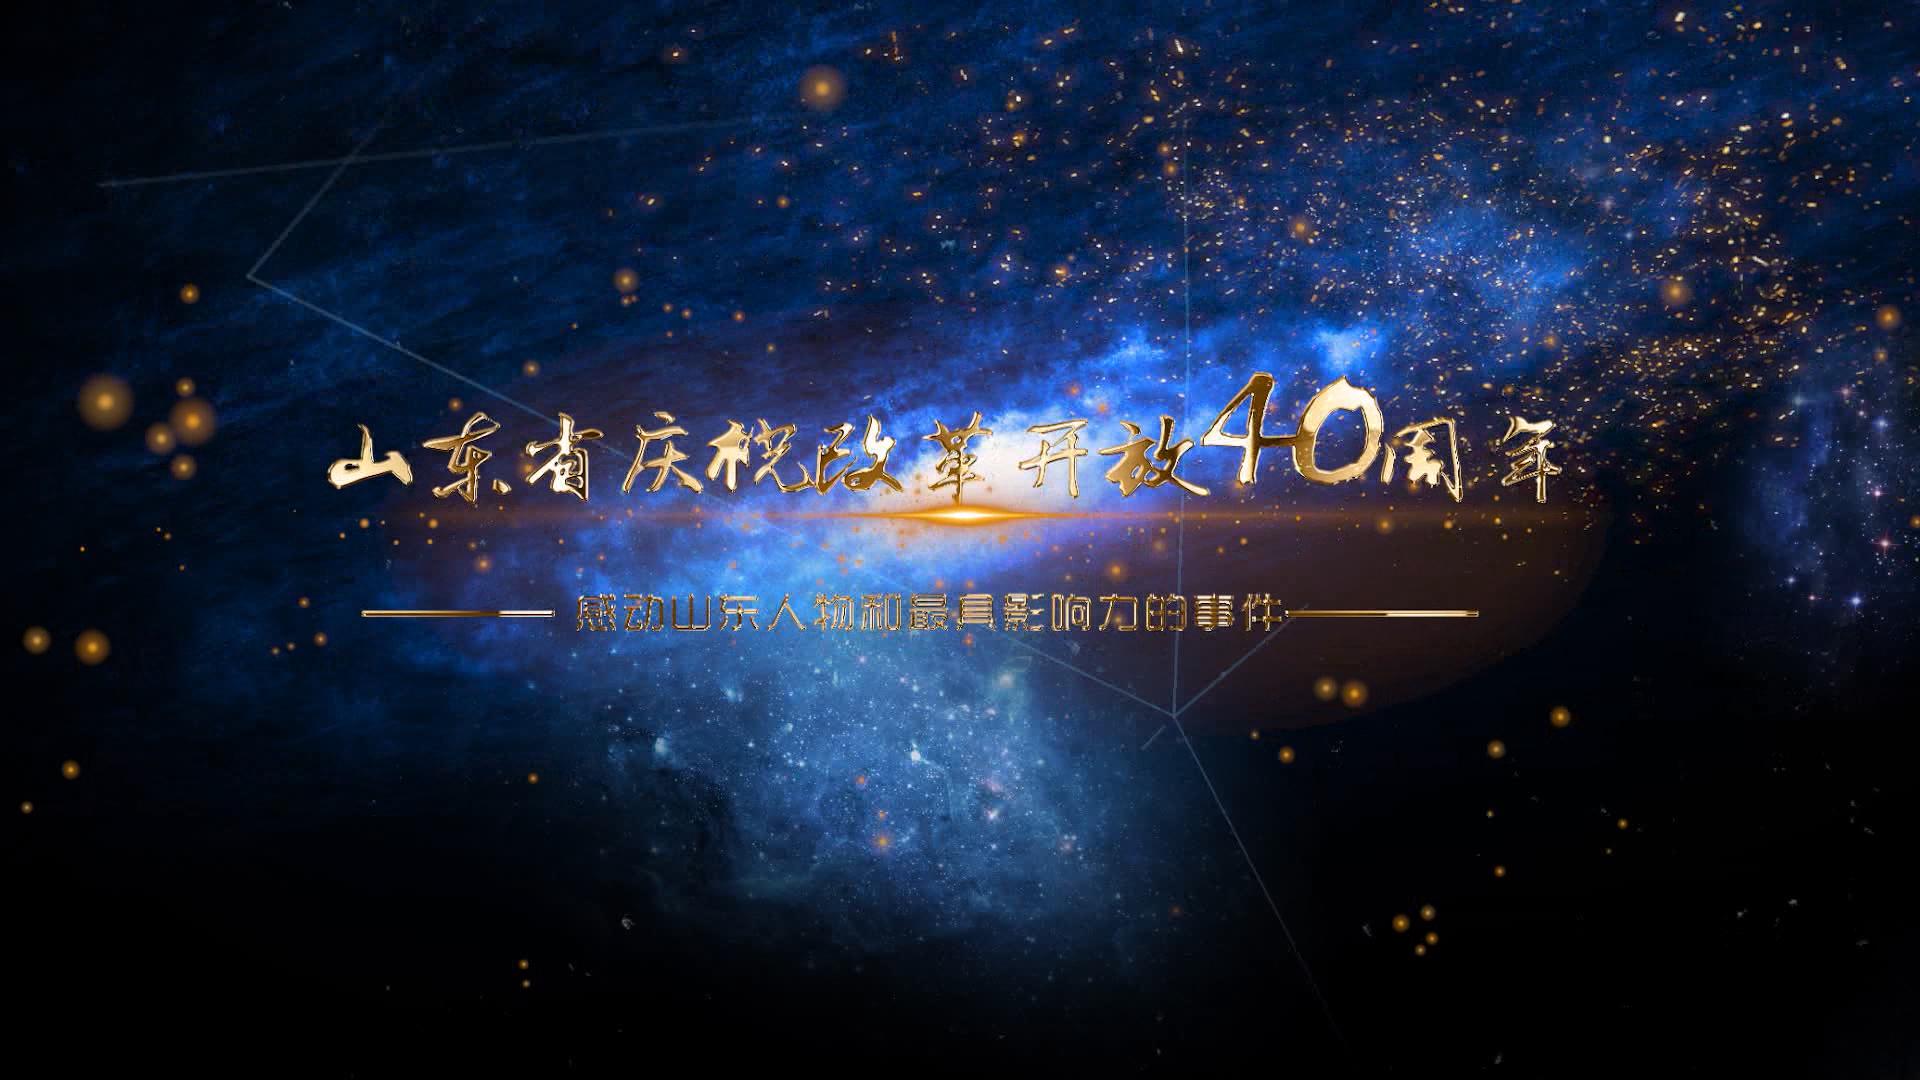 山东省庆祝改革开放40周年感动山东人物和最具影响力事件名单即将公布